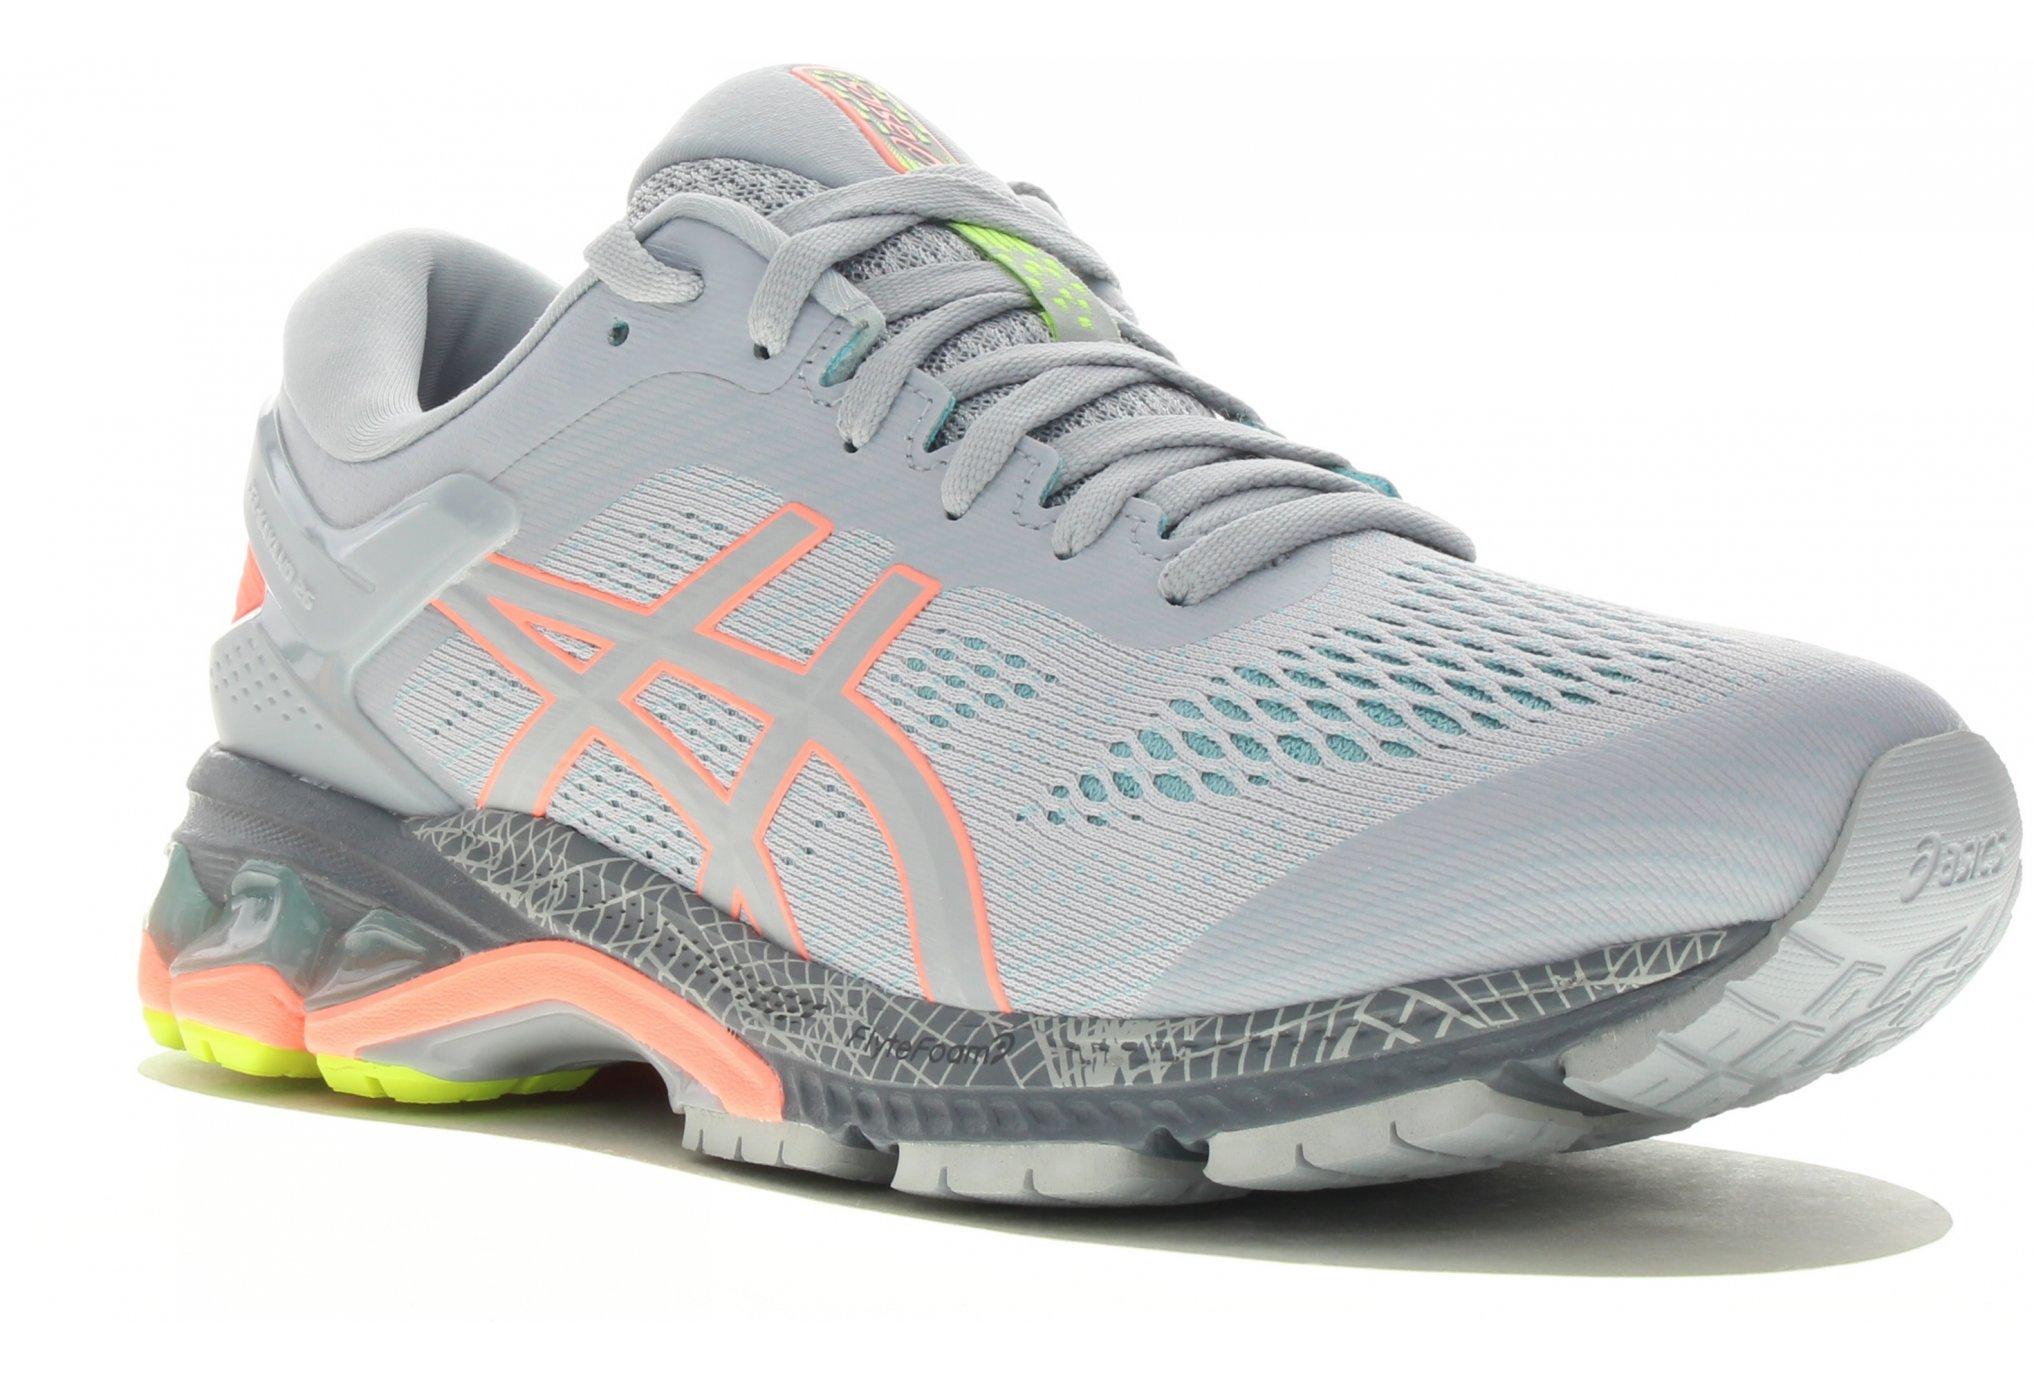 Asics Gel Kayano 26 Expert Chaussures running femme